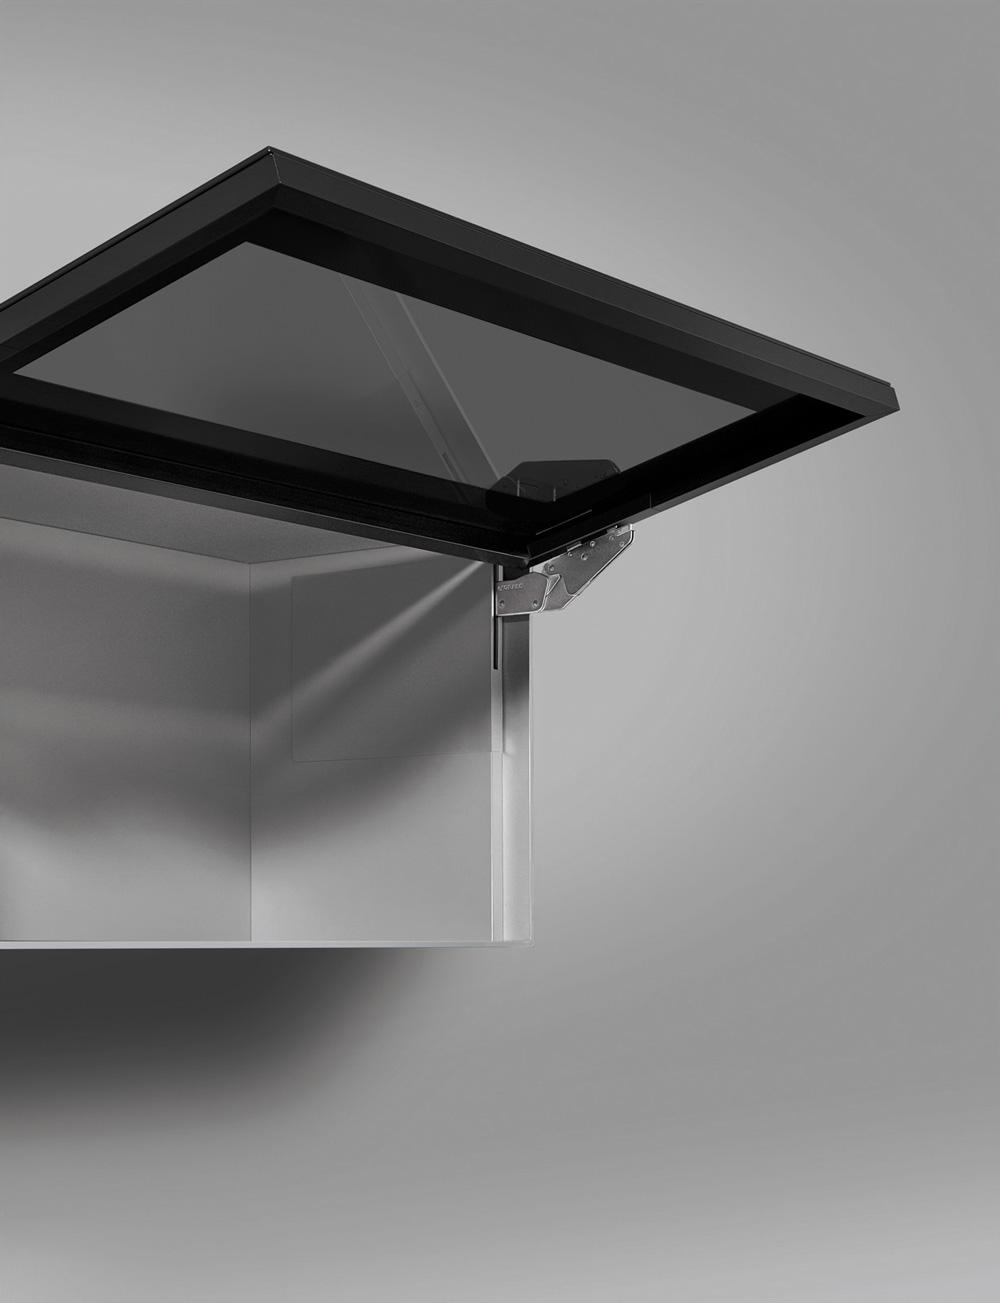 Подъемник Kinvaro T-Slim для фасада из алюм. рамки, КМ 1000-2250, с плавным закрыванием, серый